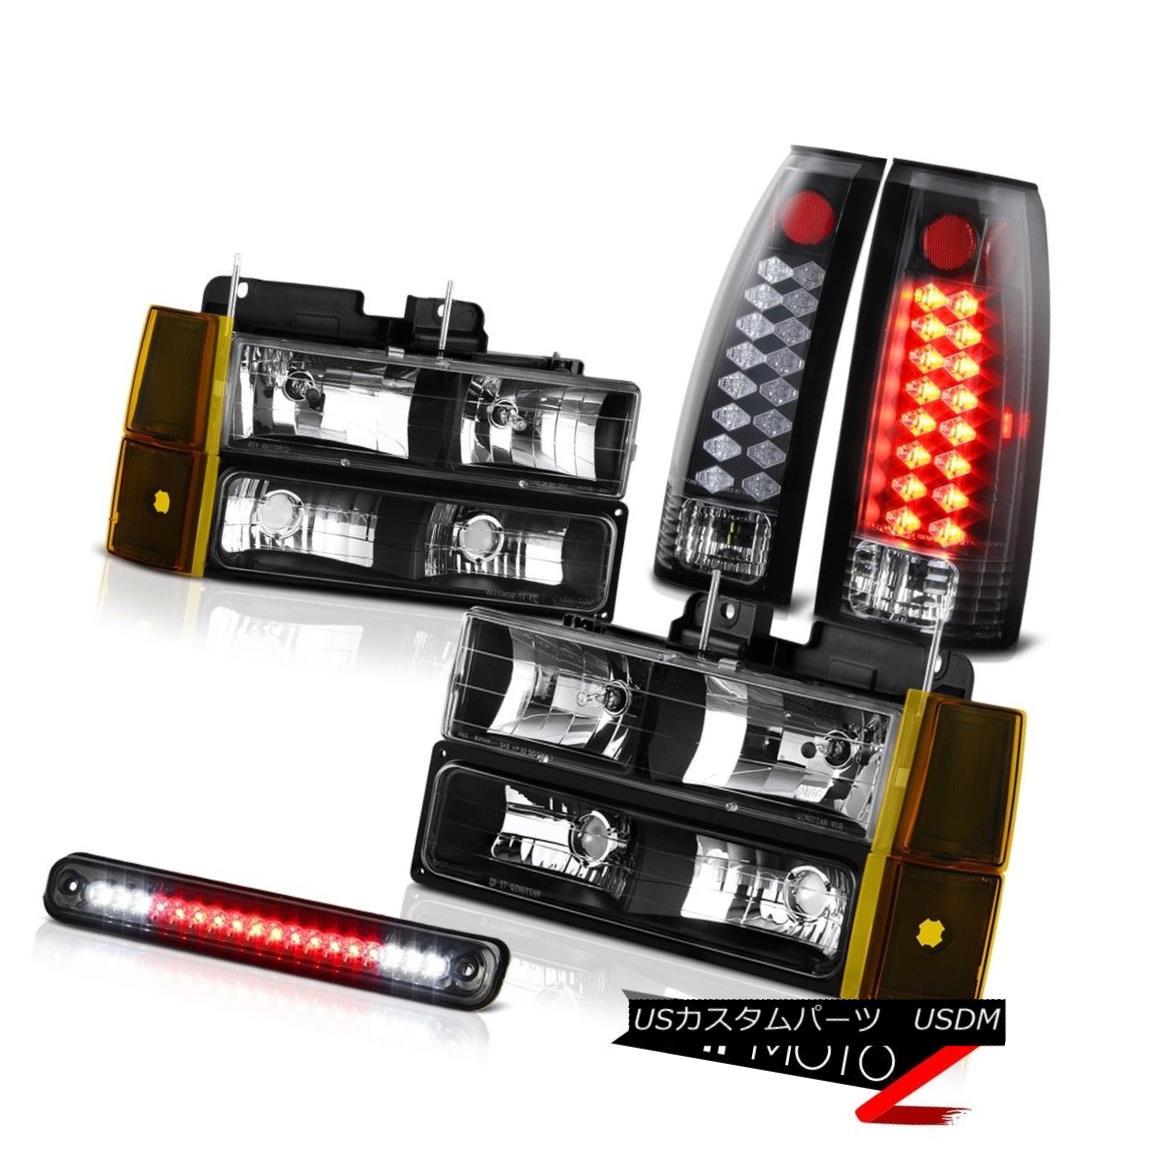 テールライト 1994-1998 GMC K2500 Headlamps Bumper Smoked Roof Brake Lamp Rear Lamps LED SMD 1994-1998 GMC K2500ヘッドランプバンパースモーク屋根ブレーキランプリアランプLED SMD